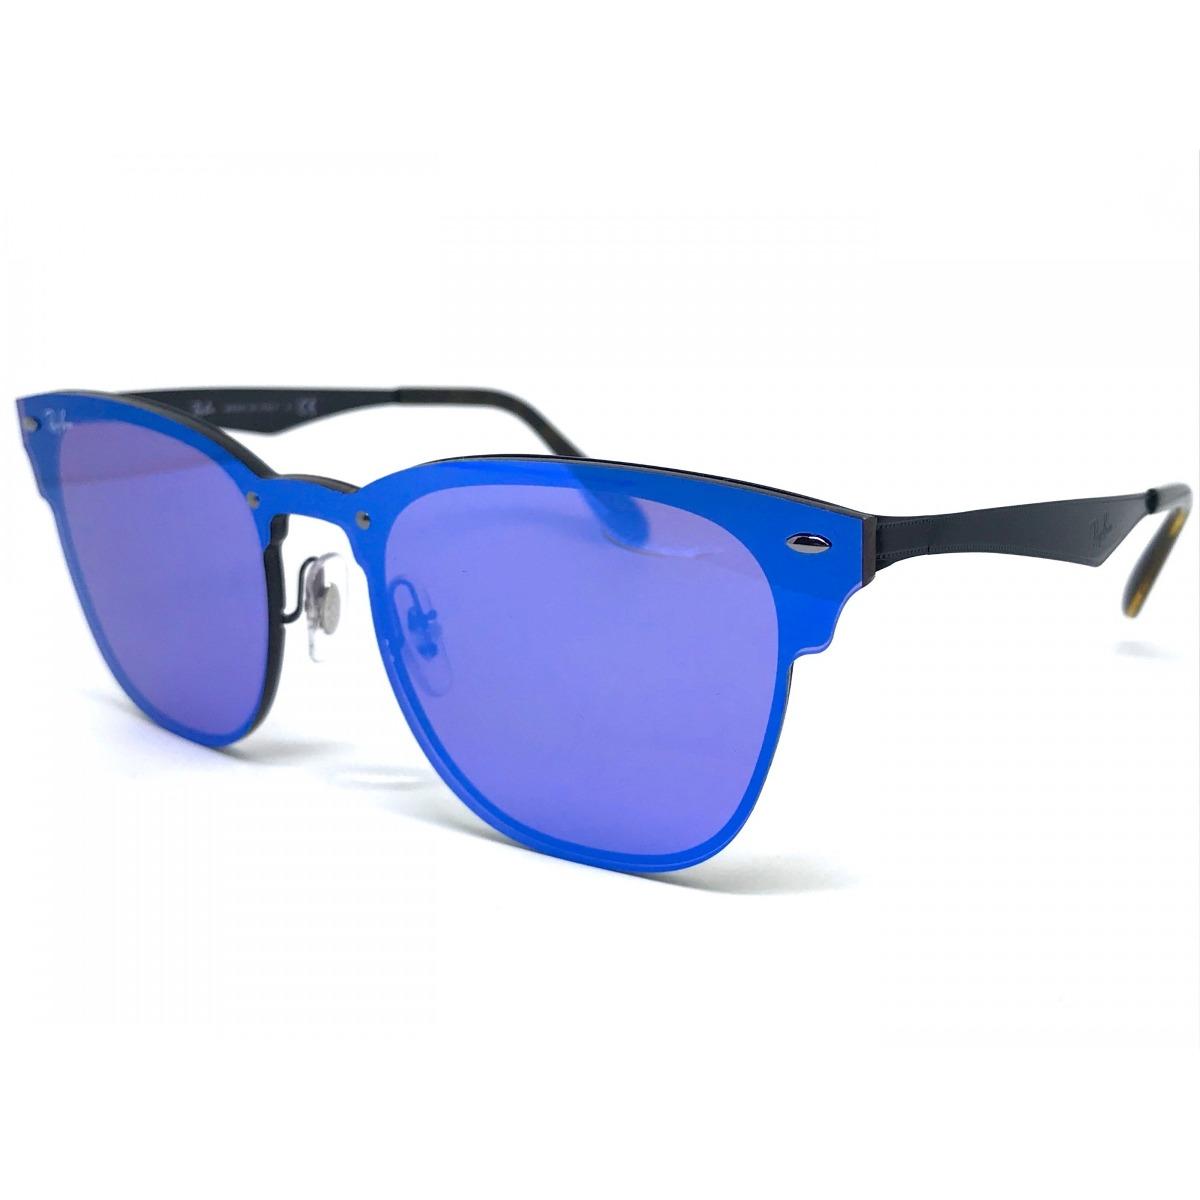 d7a8a88e68f6e oculos de sol ray ban blaze clubmaster rb3576n 153 7v 41. Carregando zoom.